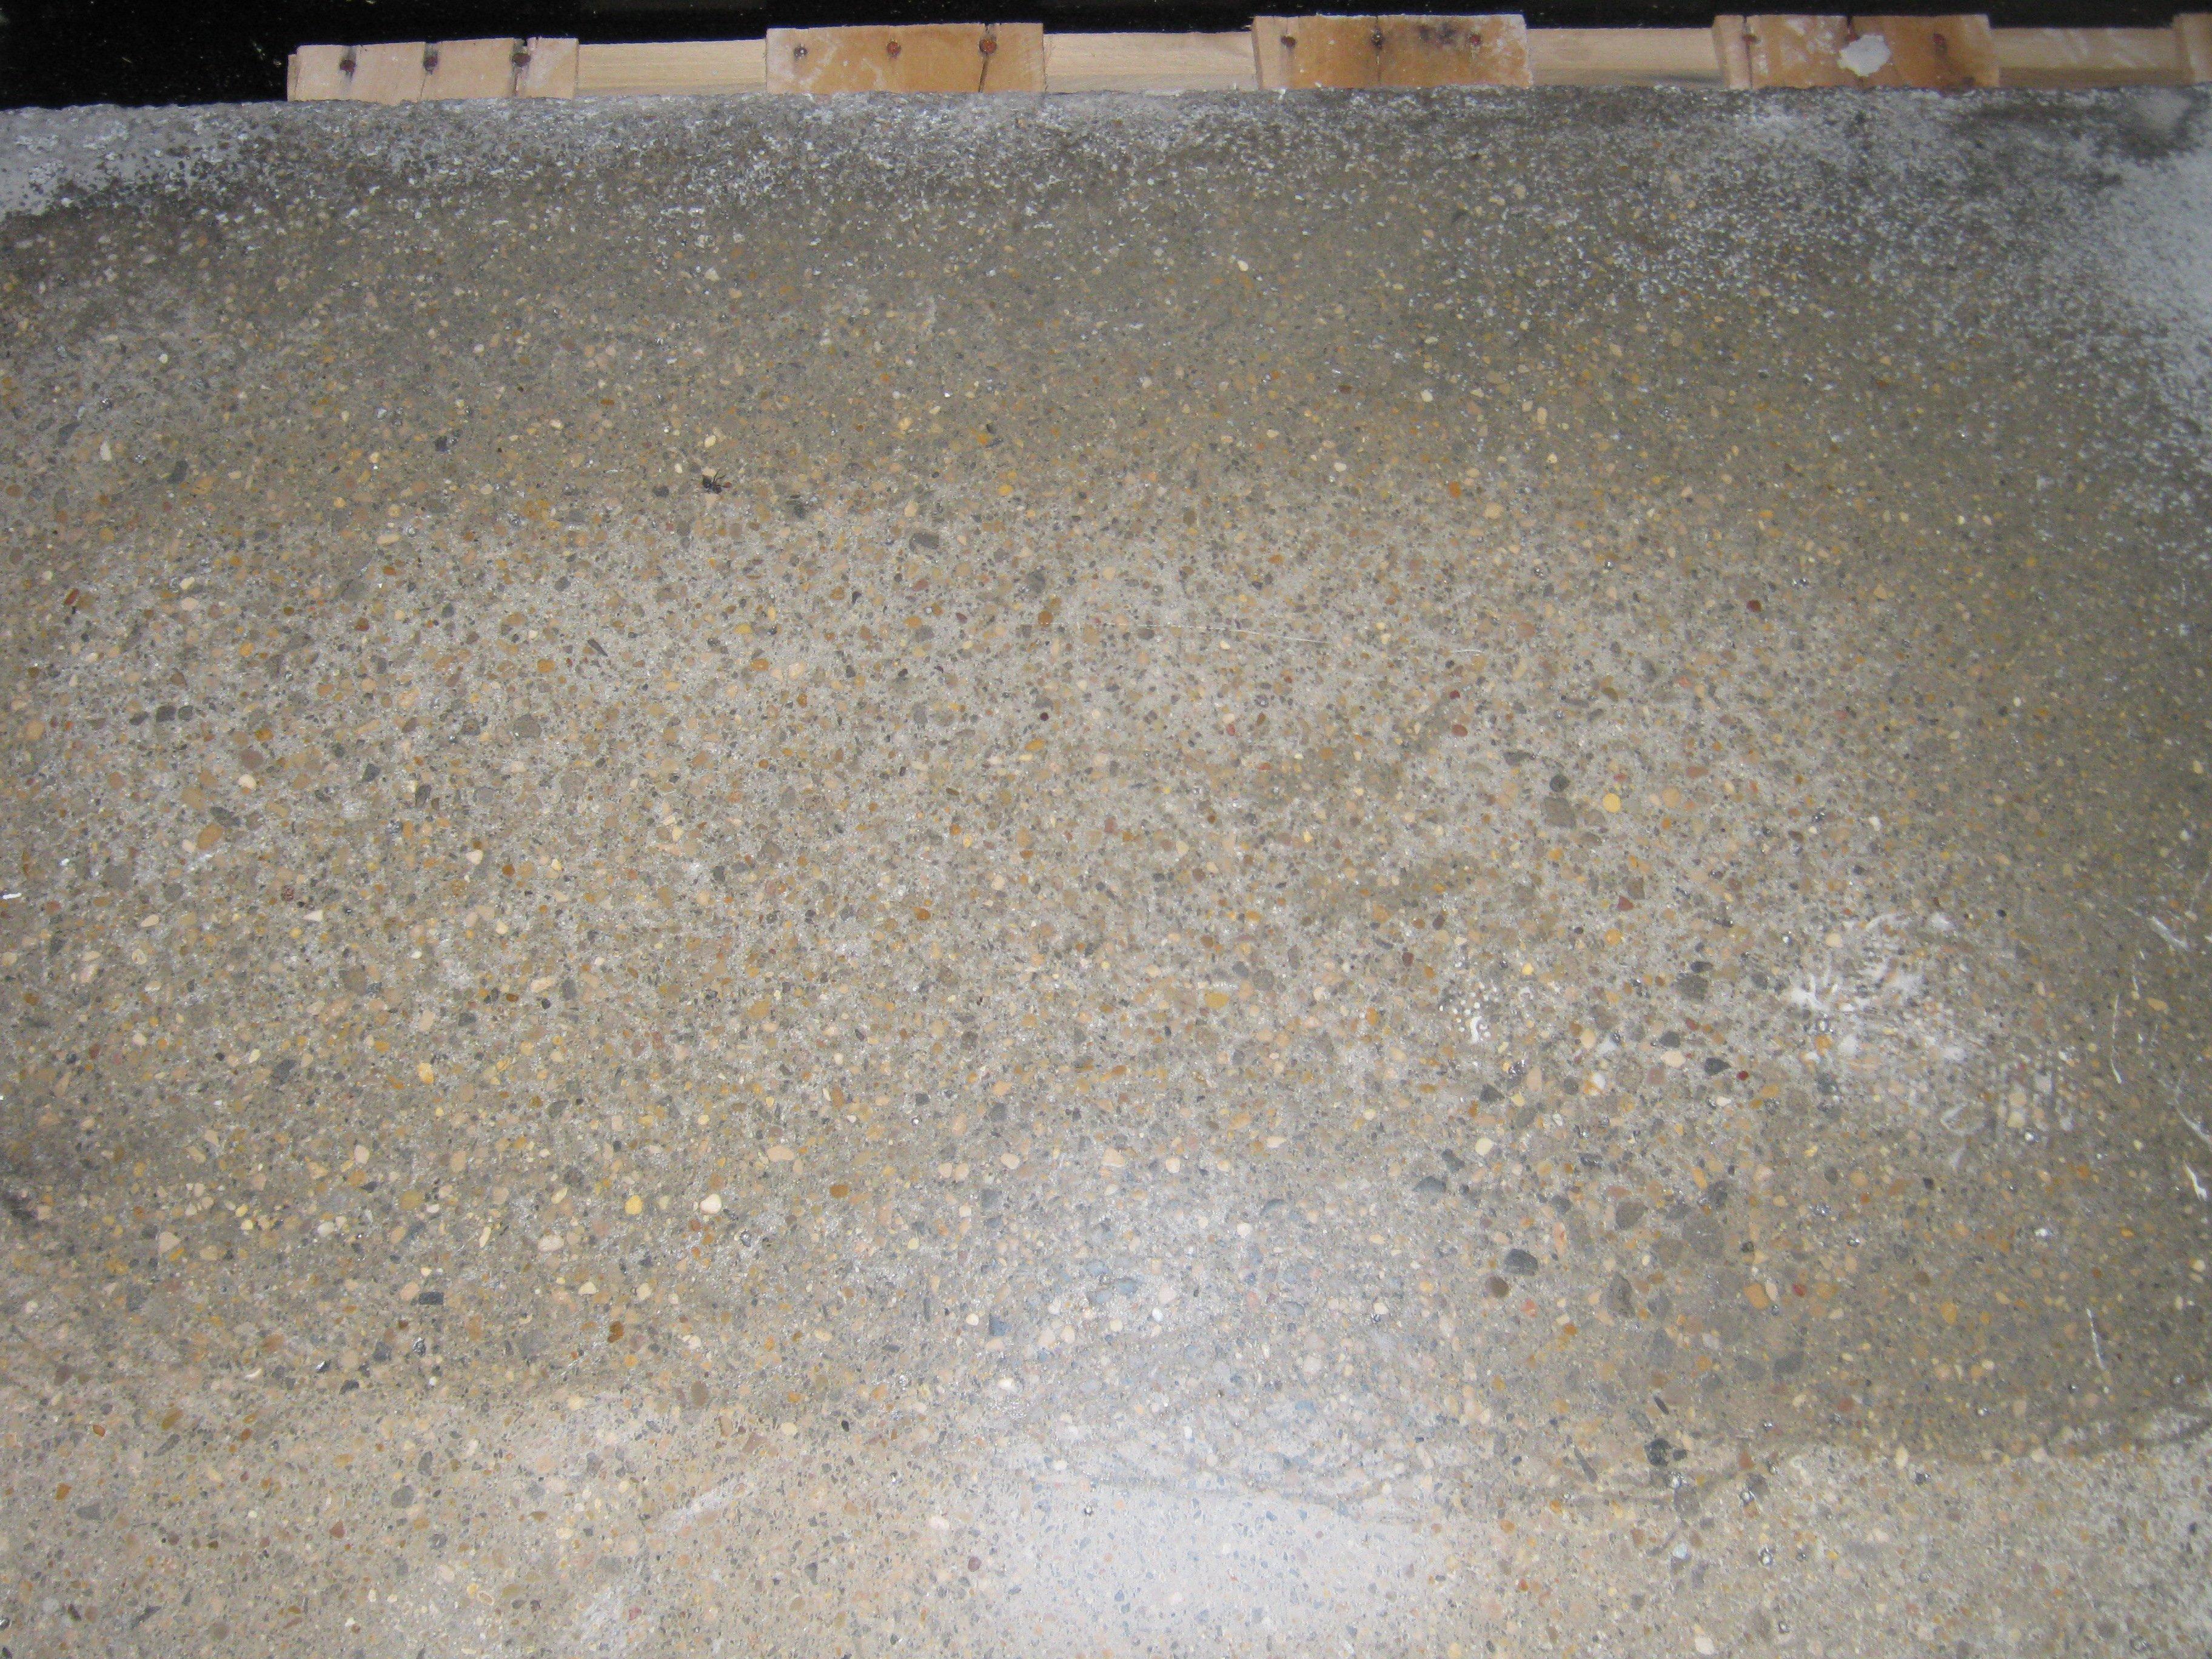 Assez Quiquequoioucommebeton » Que faire d'un sol béton brut? GZ88